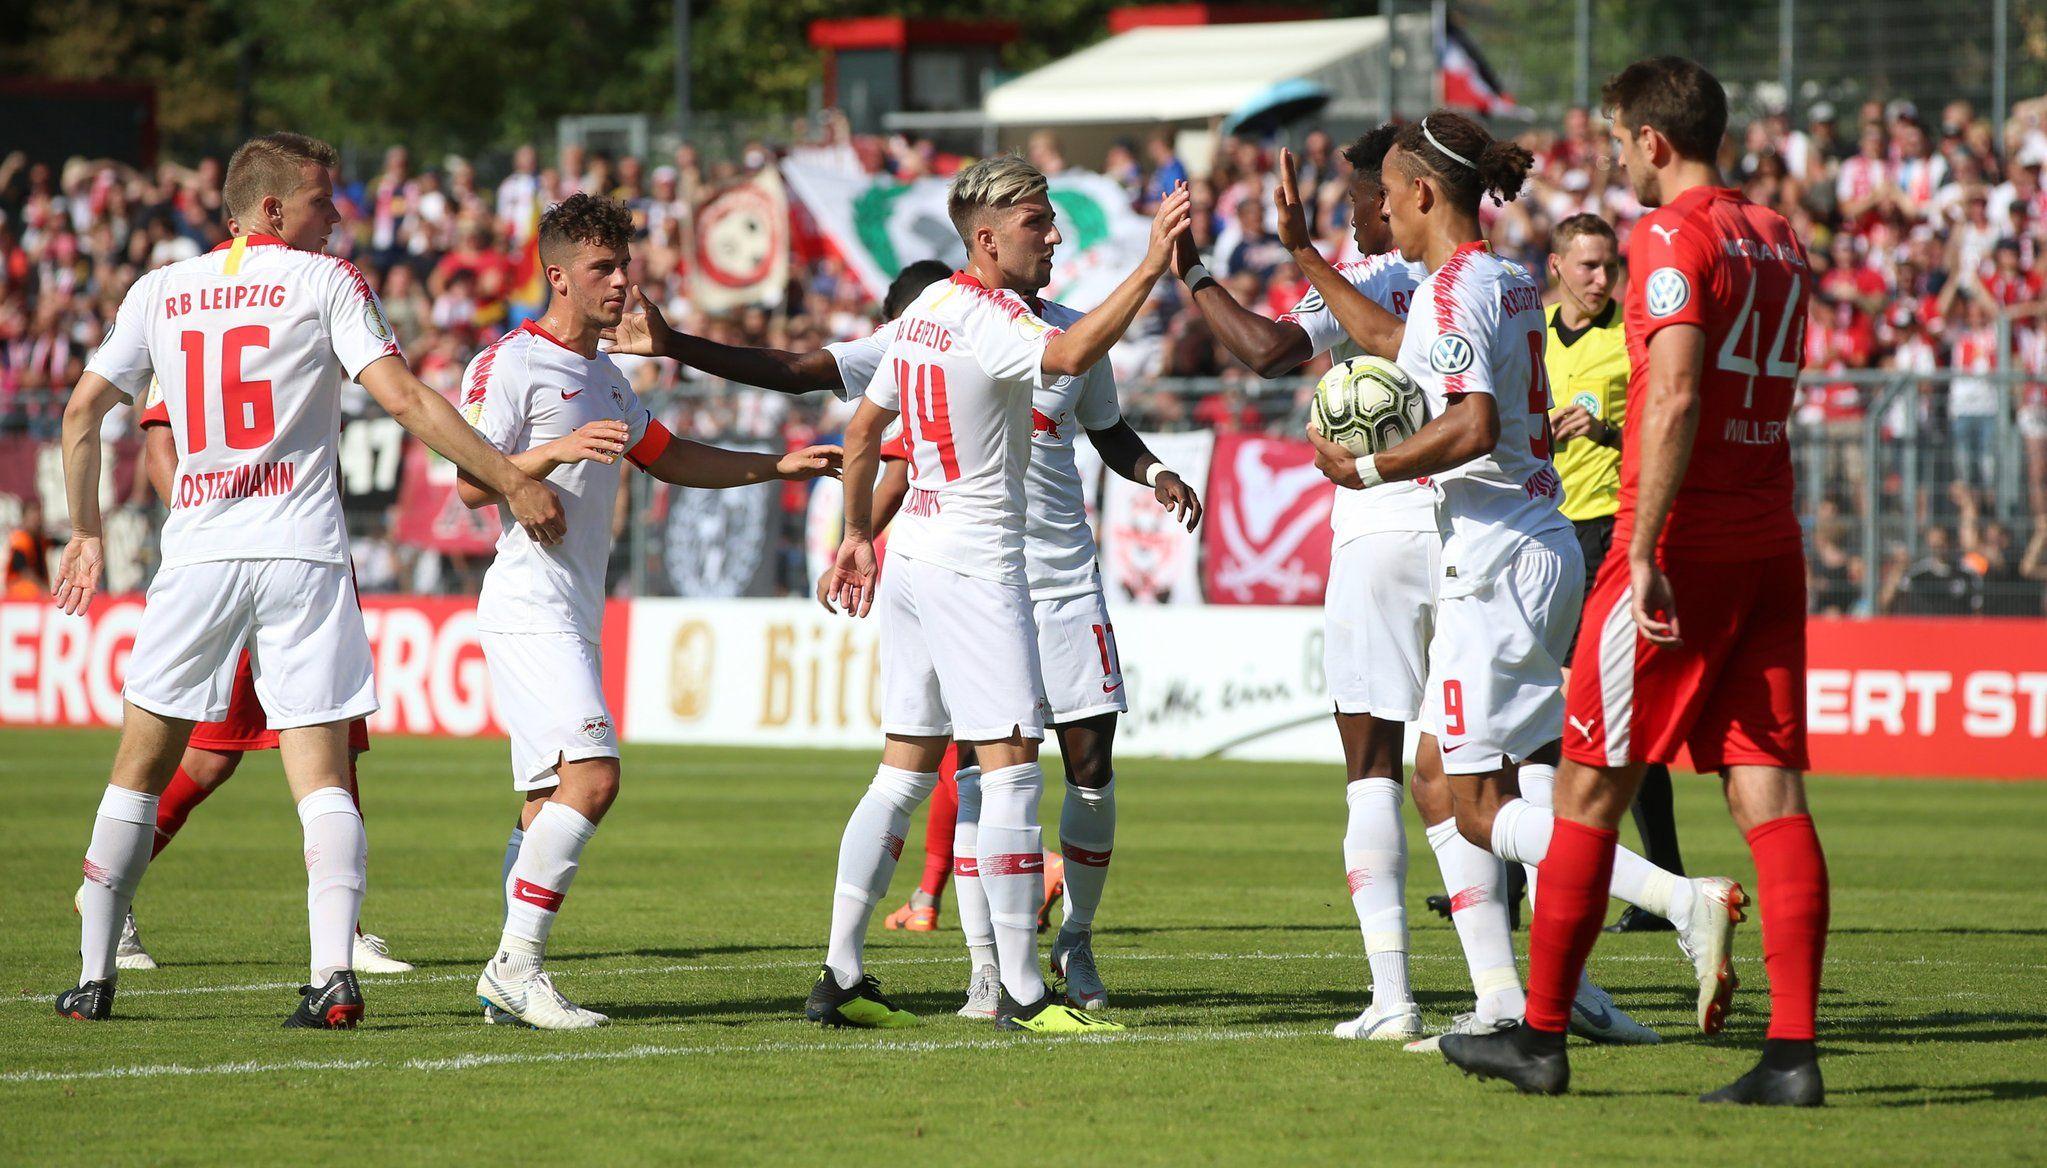 Прогноз на матч Лейпциг - Хеккен: немецкая дружина пробьет фору -1,5